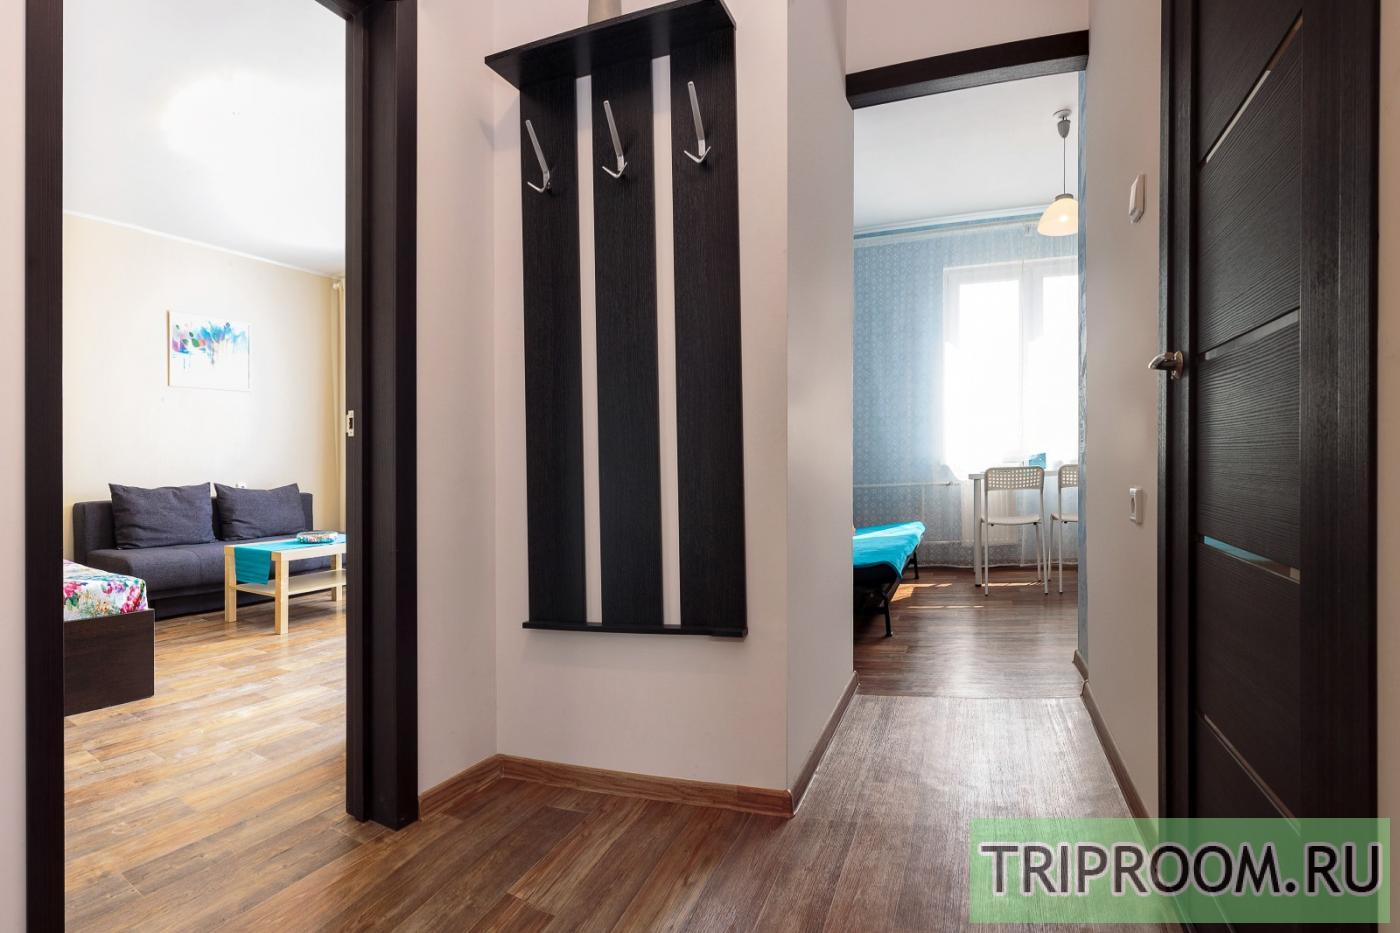 1-комнатная квартира посуточно (вариант № 16235), ул. Анатолия Мехренцева улица, фото № 9